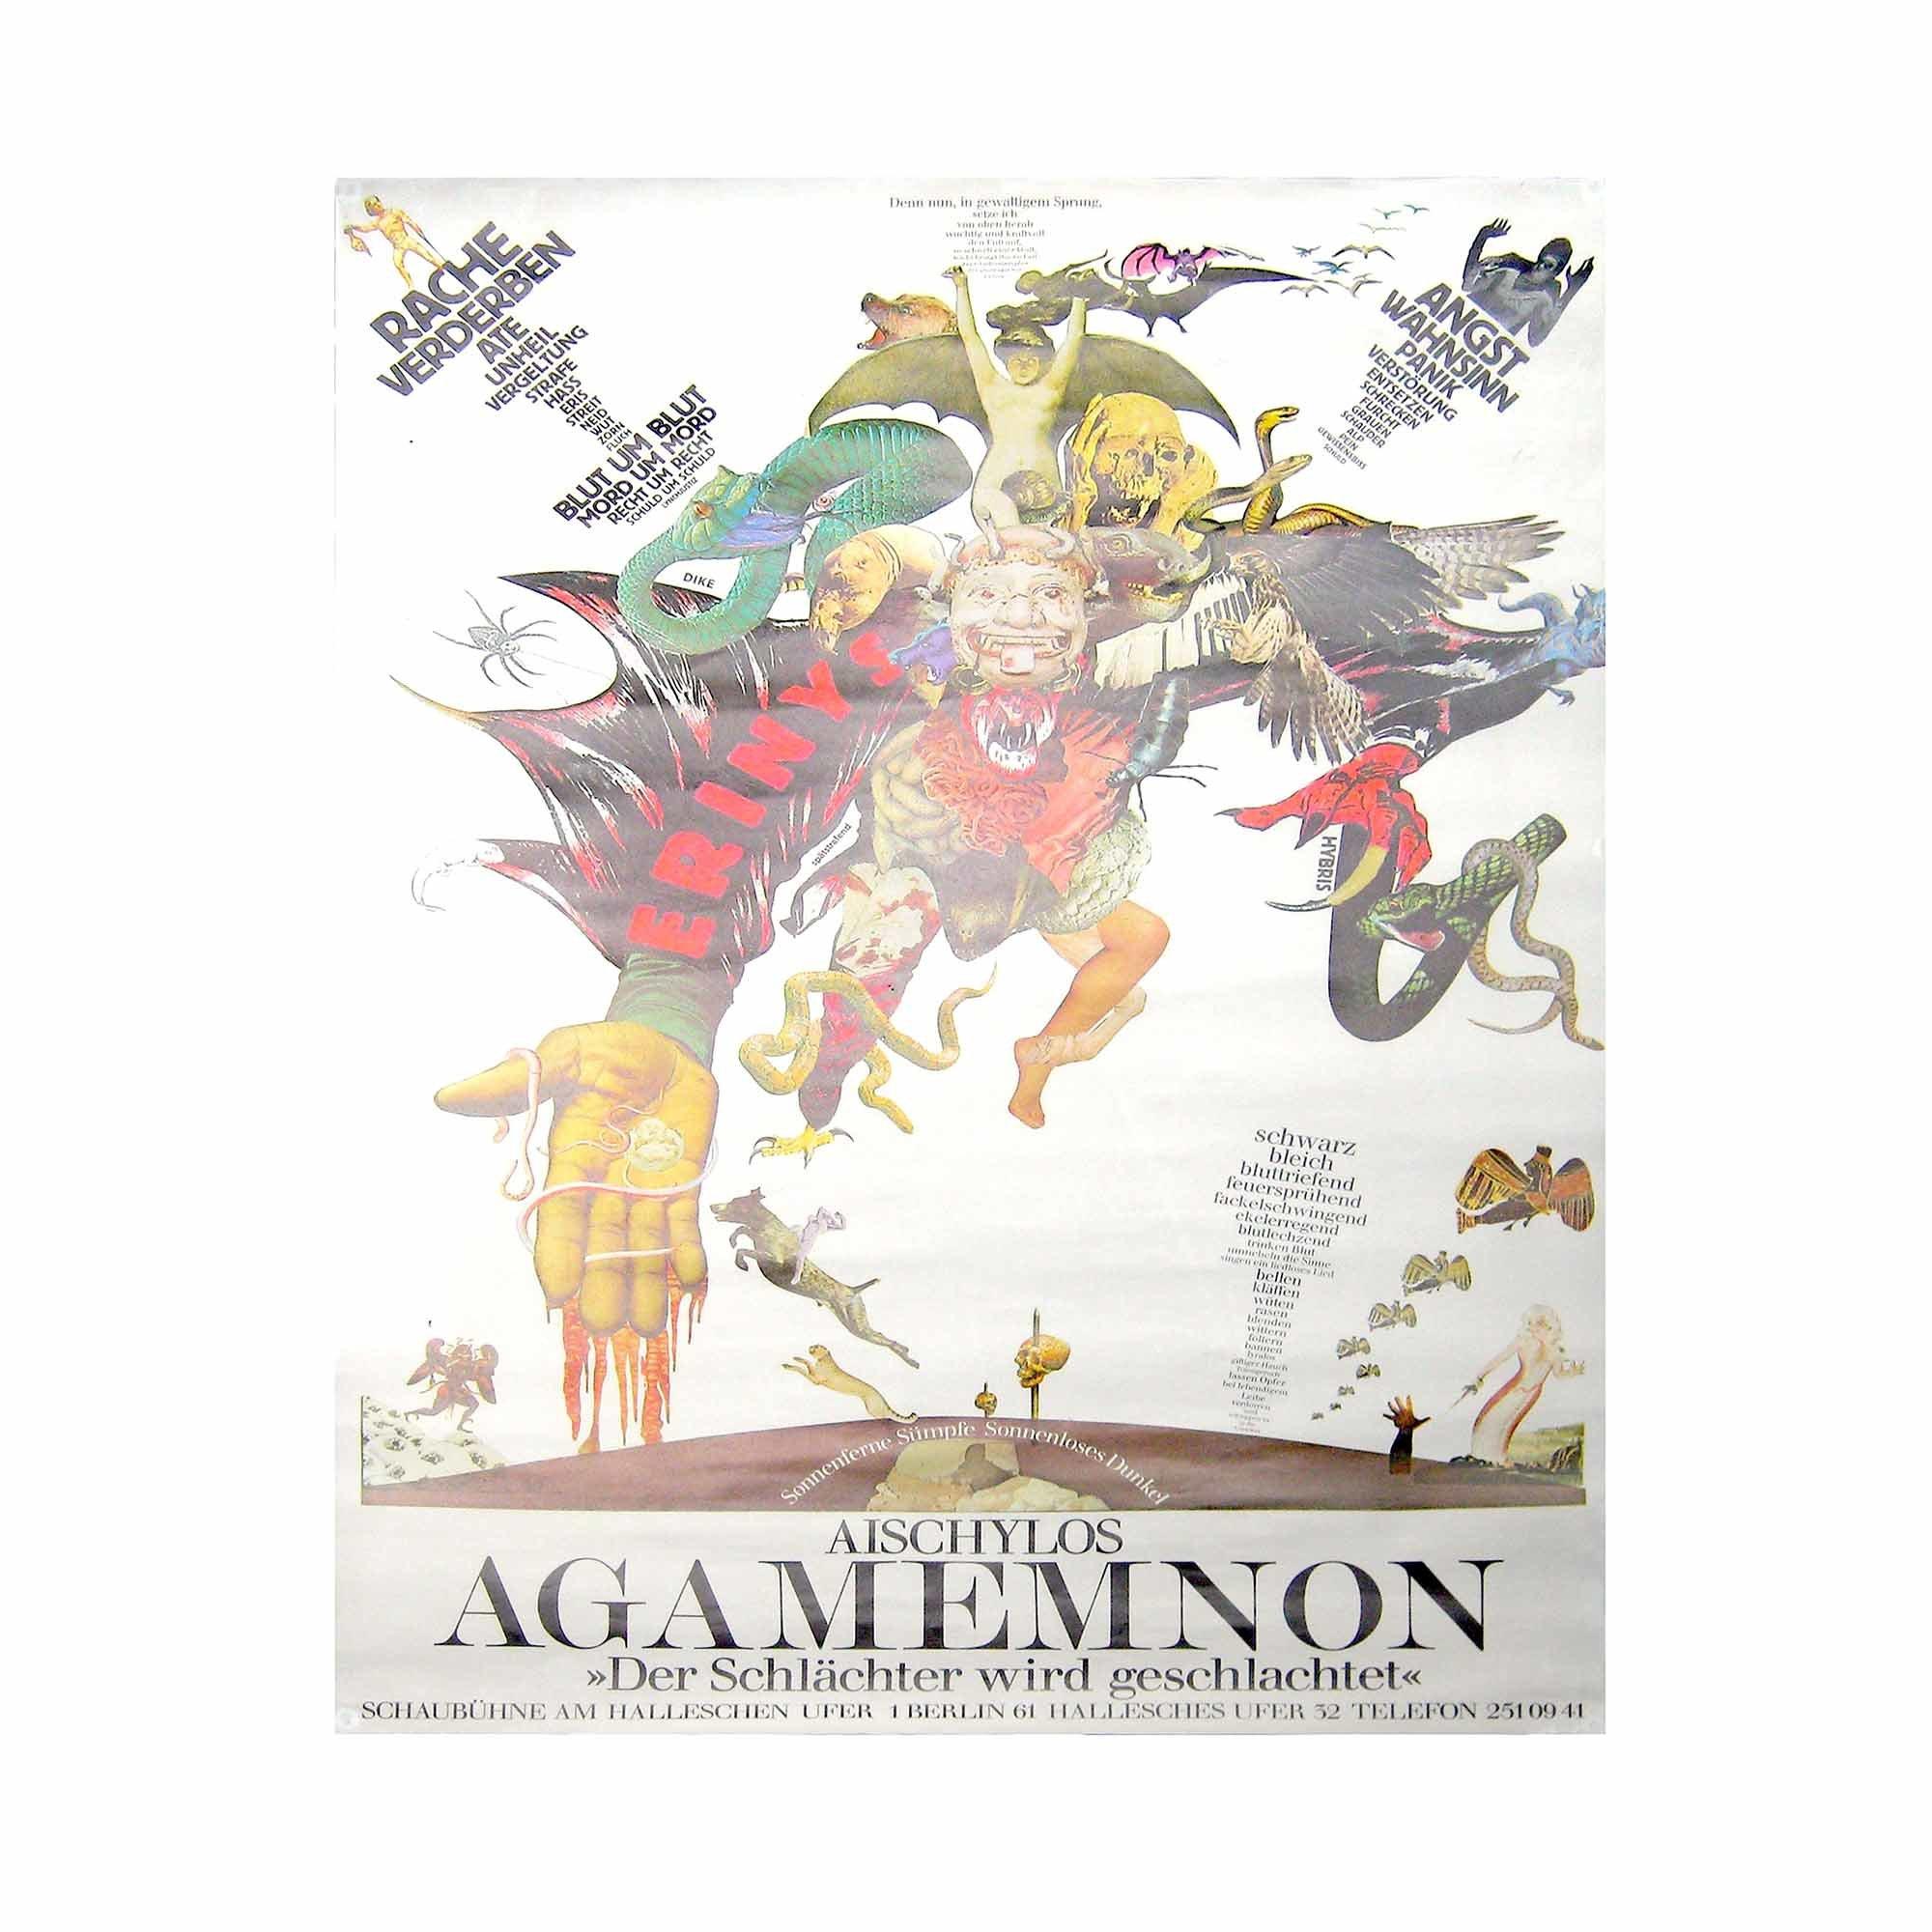 8055 Antikenprojekt Agamemnon Schaubühne 2 1980 1 N